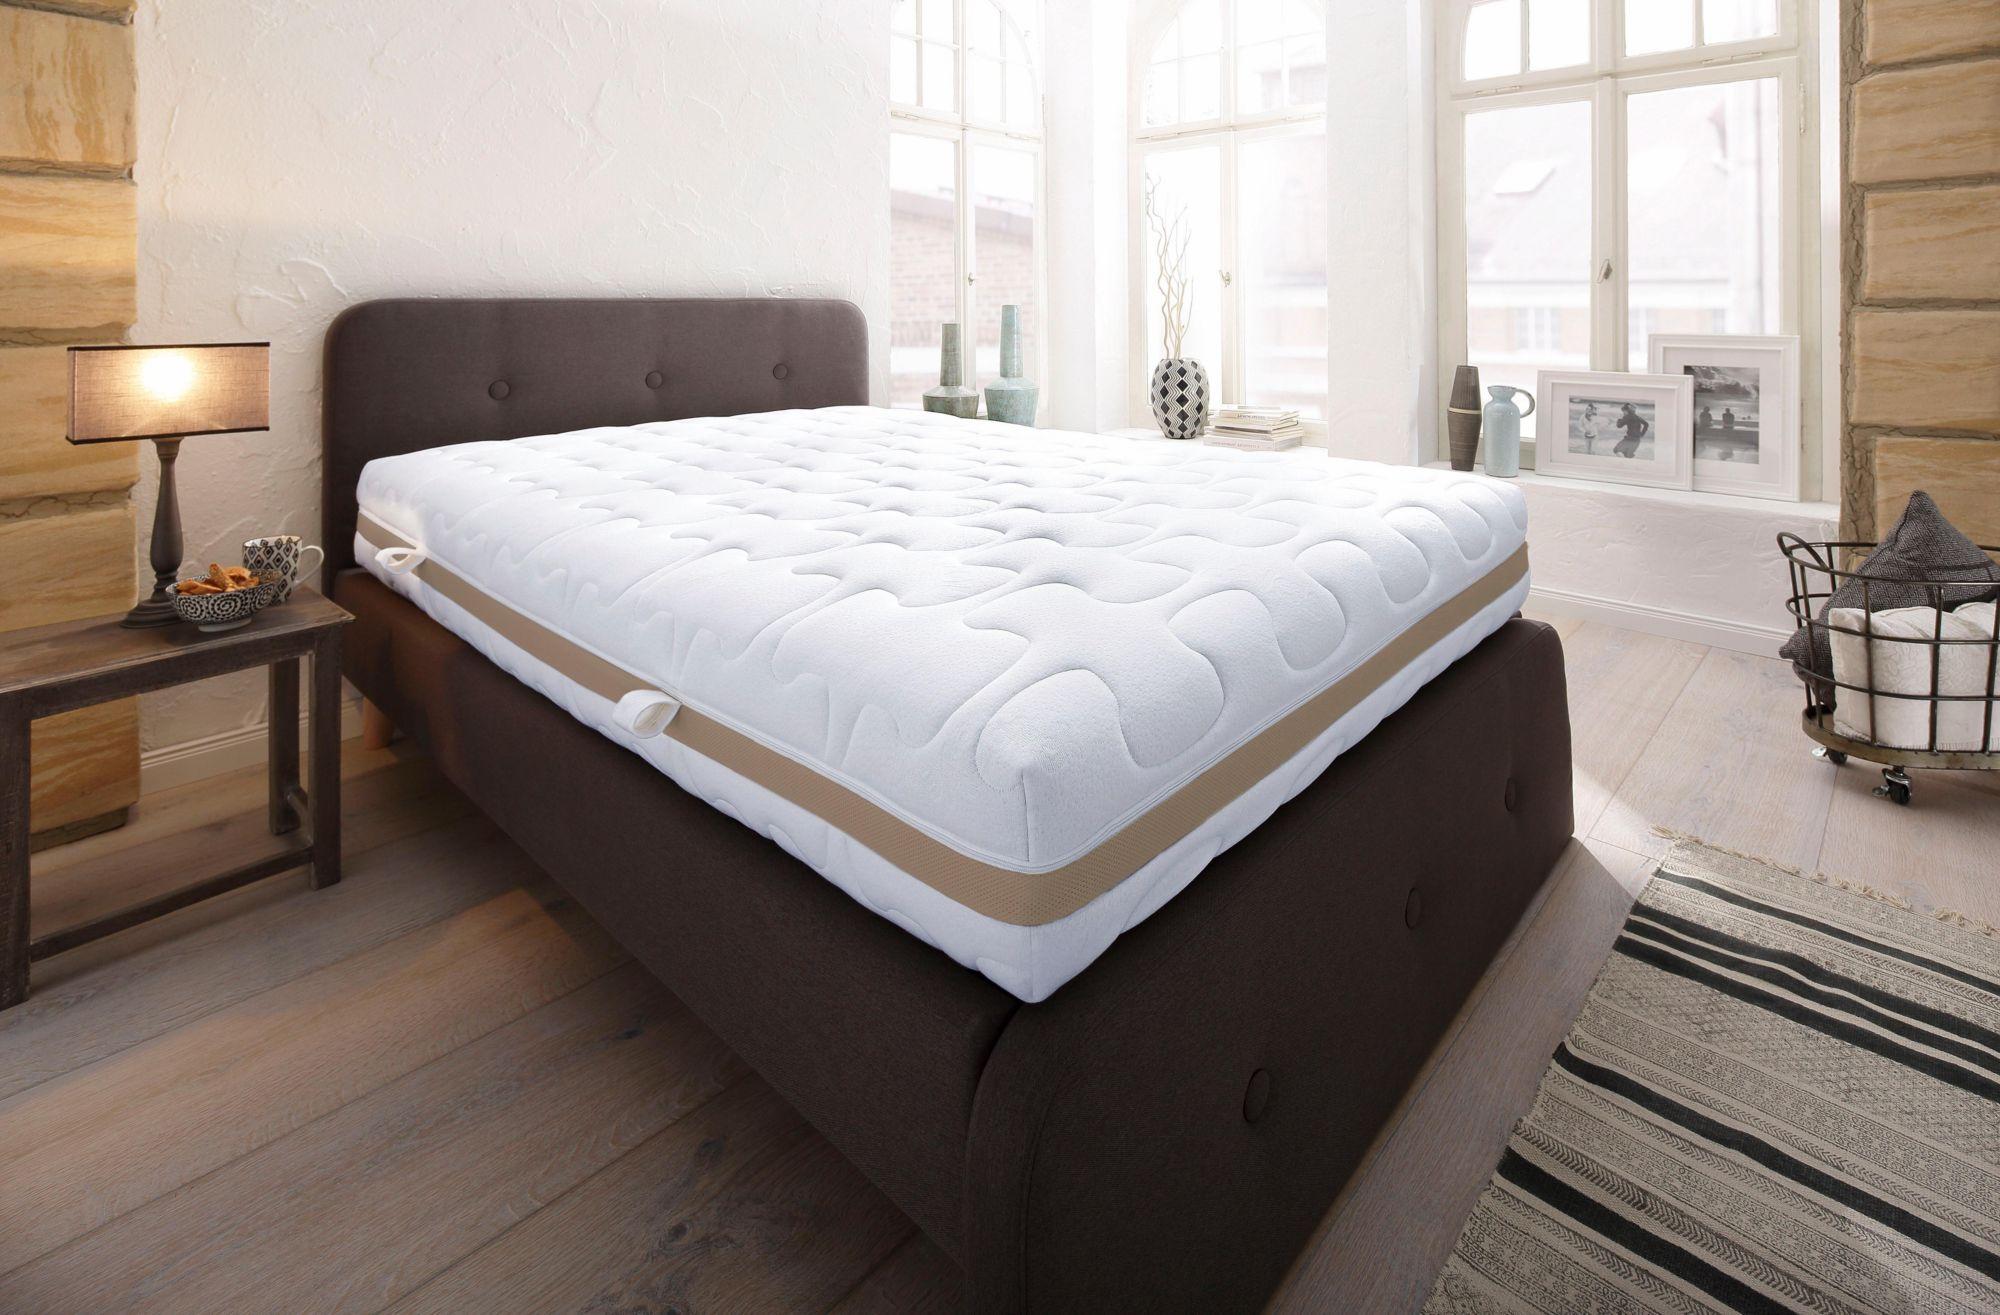 BECO Komfortschaummatratze, »Platin«, BeCo, 25 cm hoch, Raumgewicht: 40, dauerhaft formstabil und atmungsaktiv